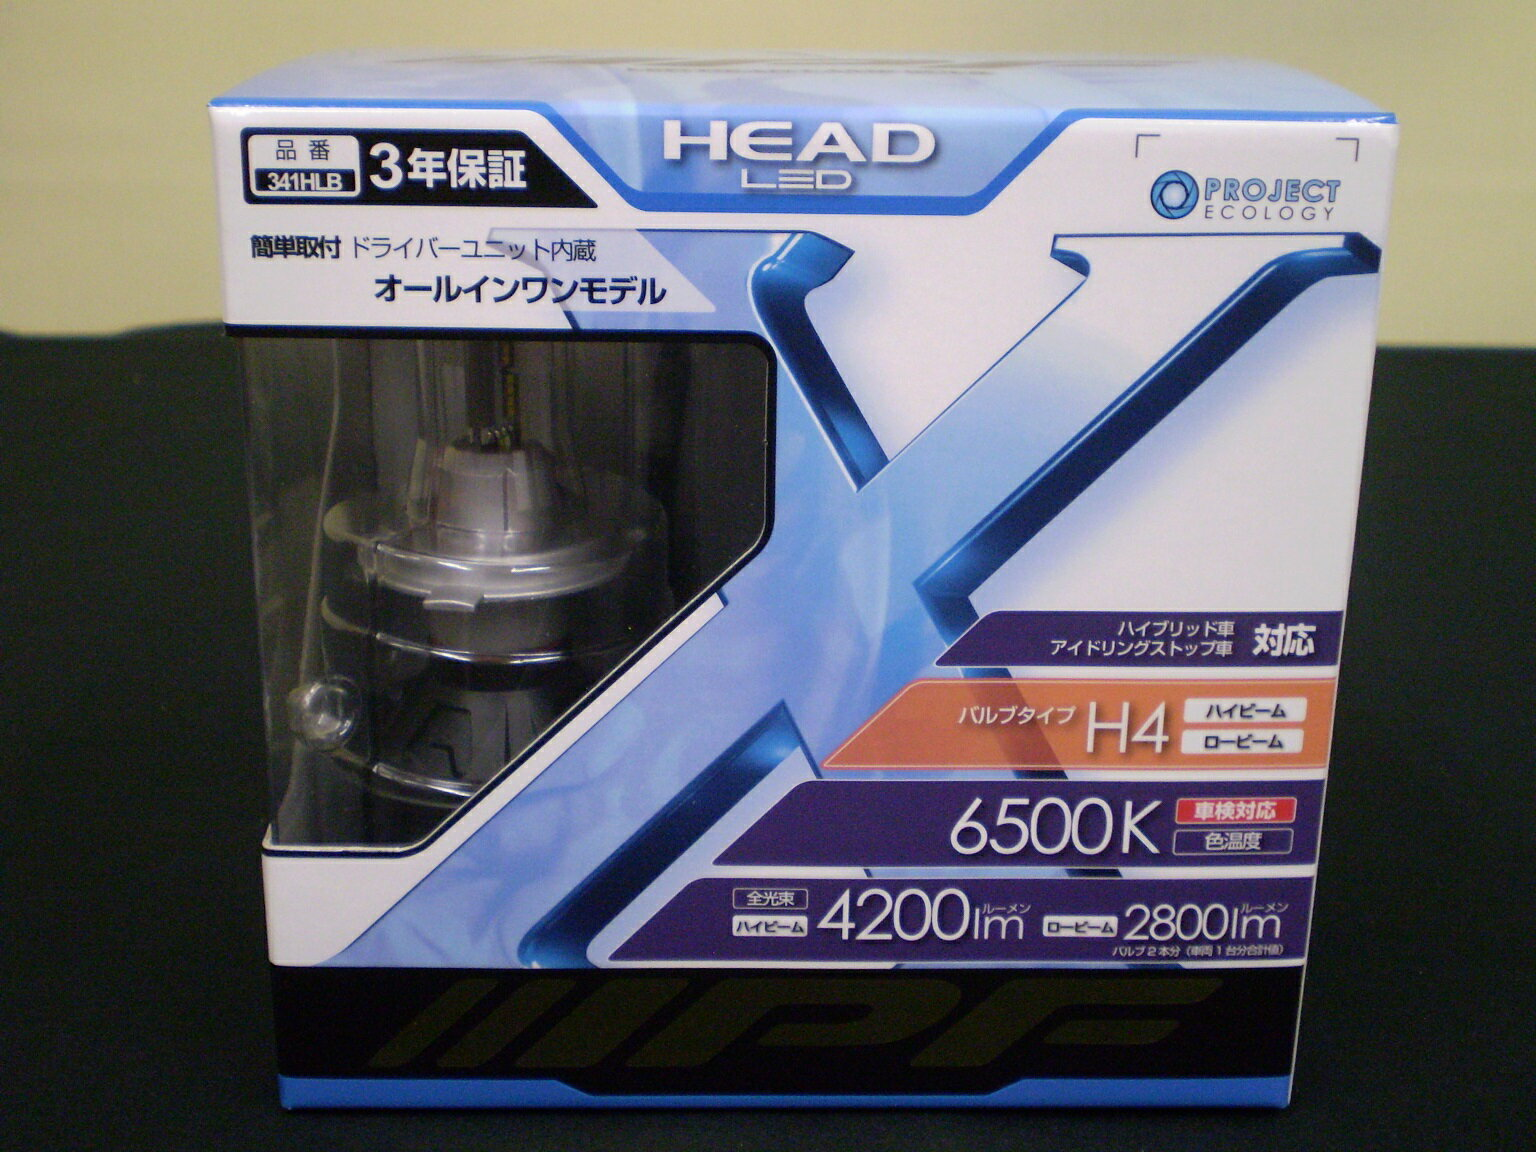 IPF LED ヘッドライト 6500K H4 Hi/Low 341HLB Hi: 4200ルーメン Low: 2800ルーメン 車検対応 3年保証 led ヘッドライト h4 【 02P05Nov16 】